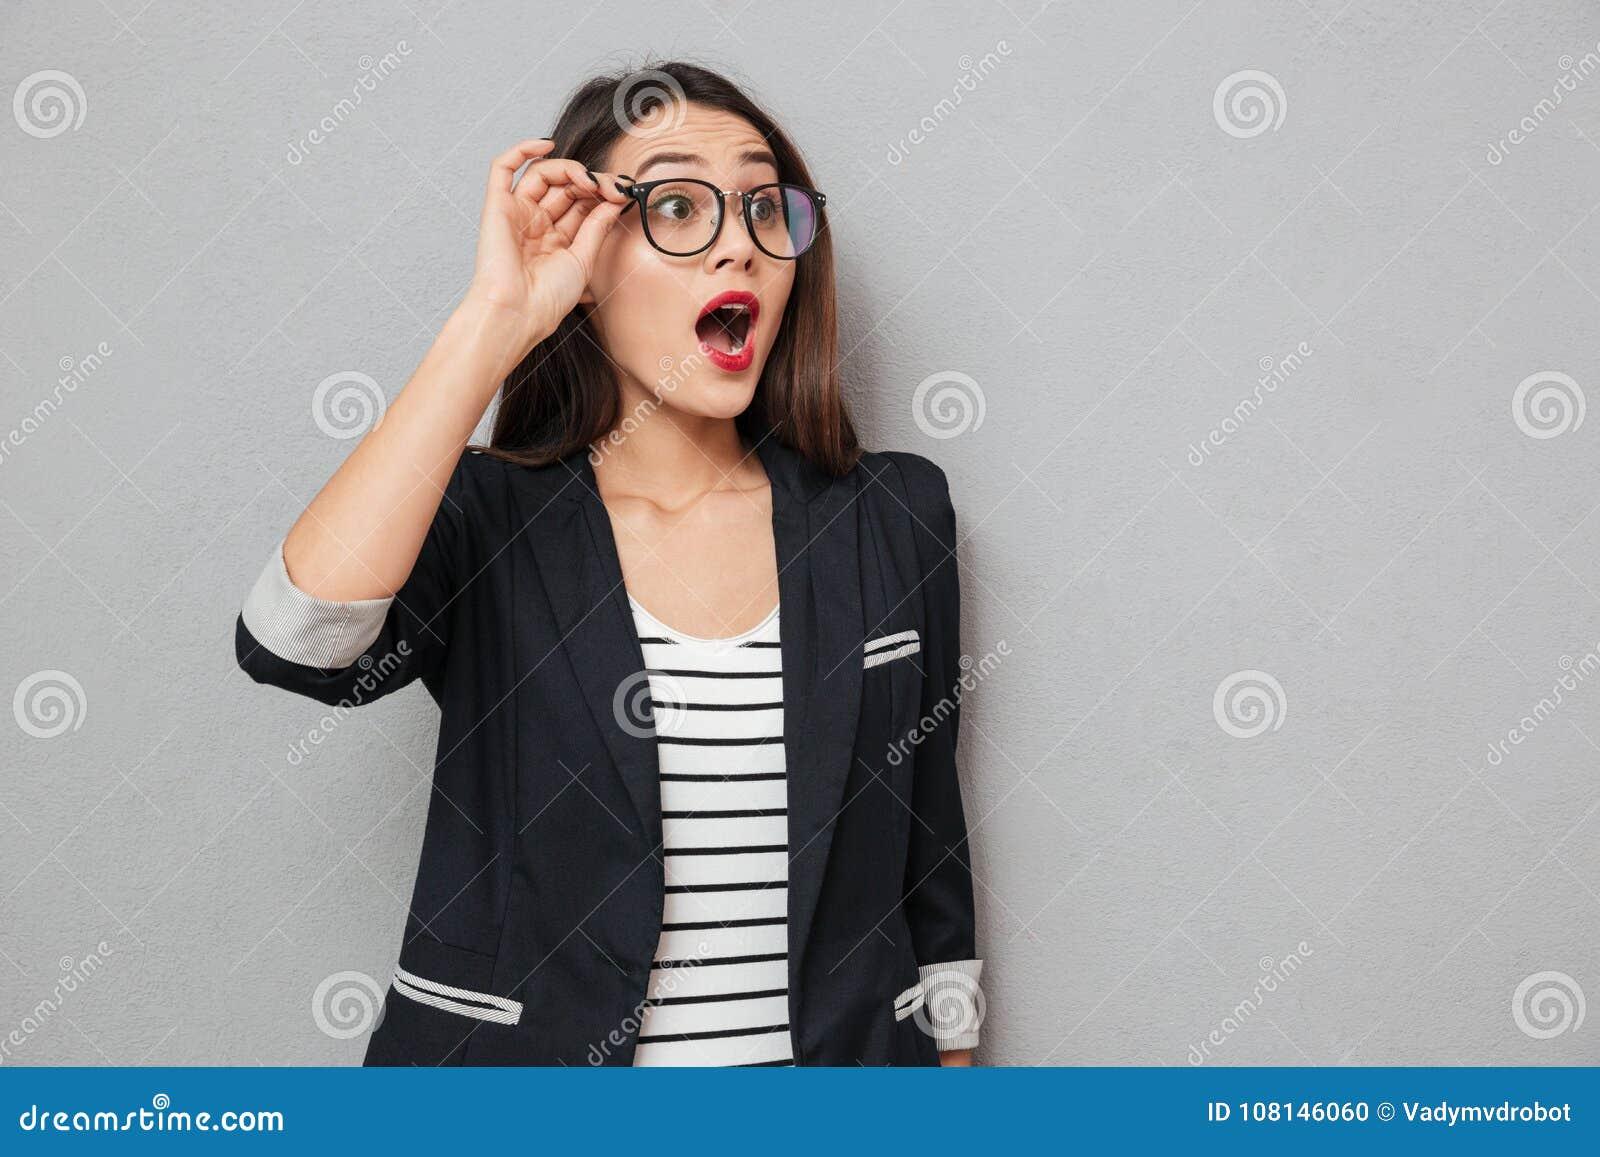 Συγκλονισμένη επιχειρησιακή γυναίκα eyeglasses που κοιτάζει μακριά με το ανοικτό στόμα